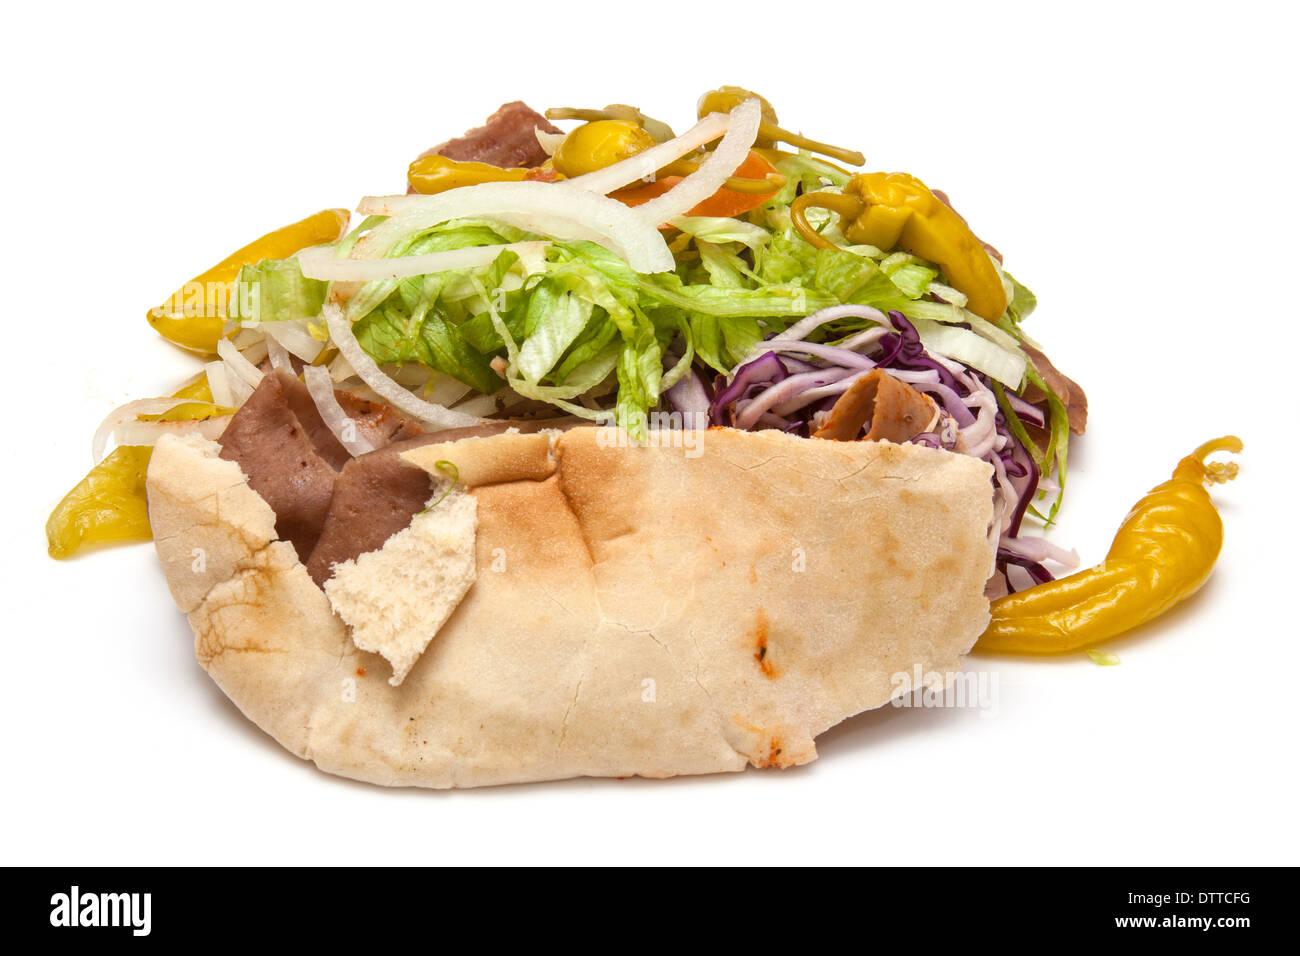 lamb-doner-kebab-isolated-on-a-white-stu